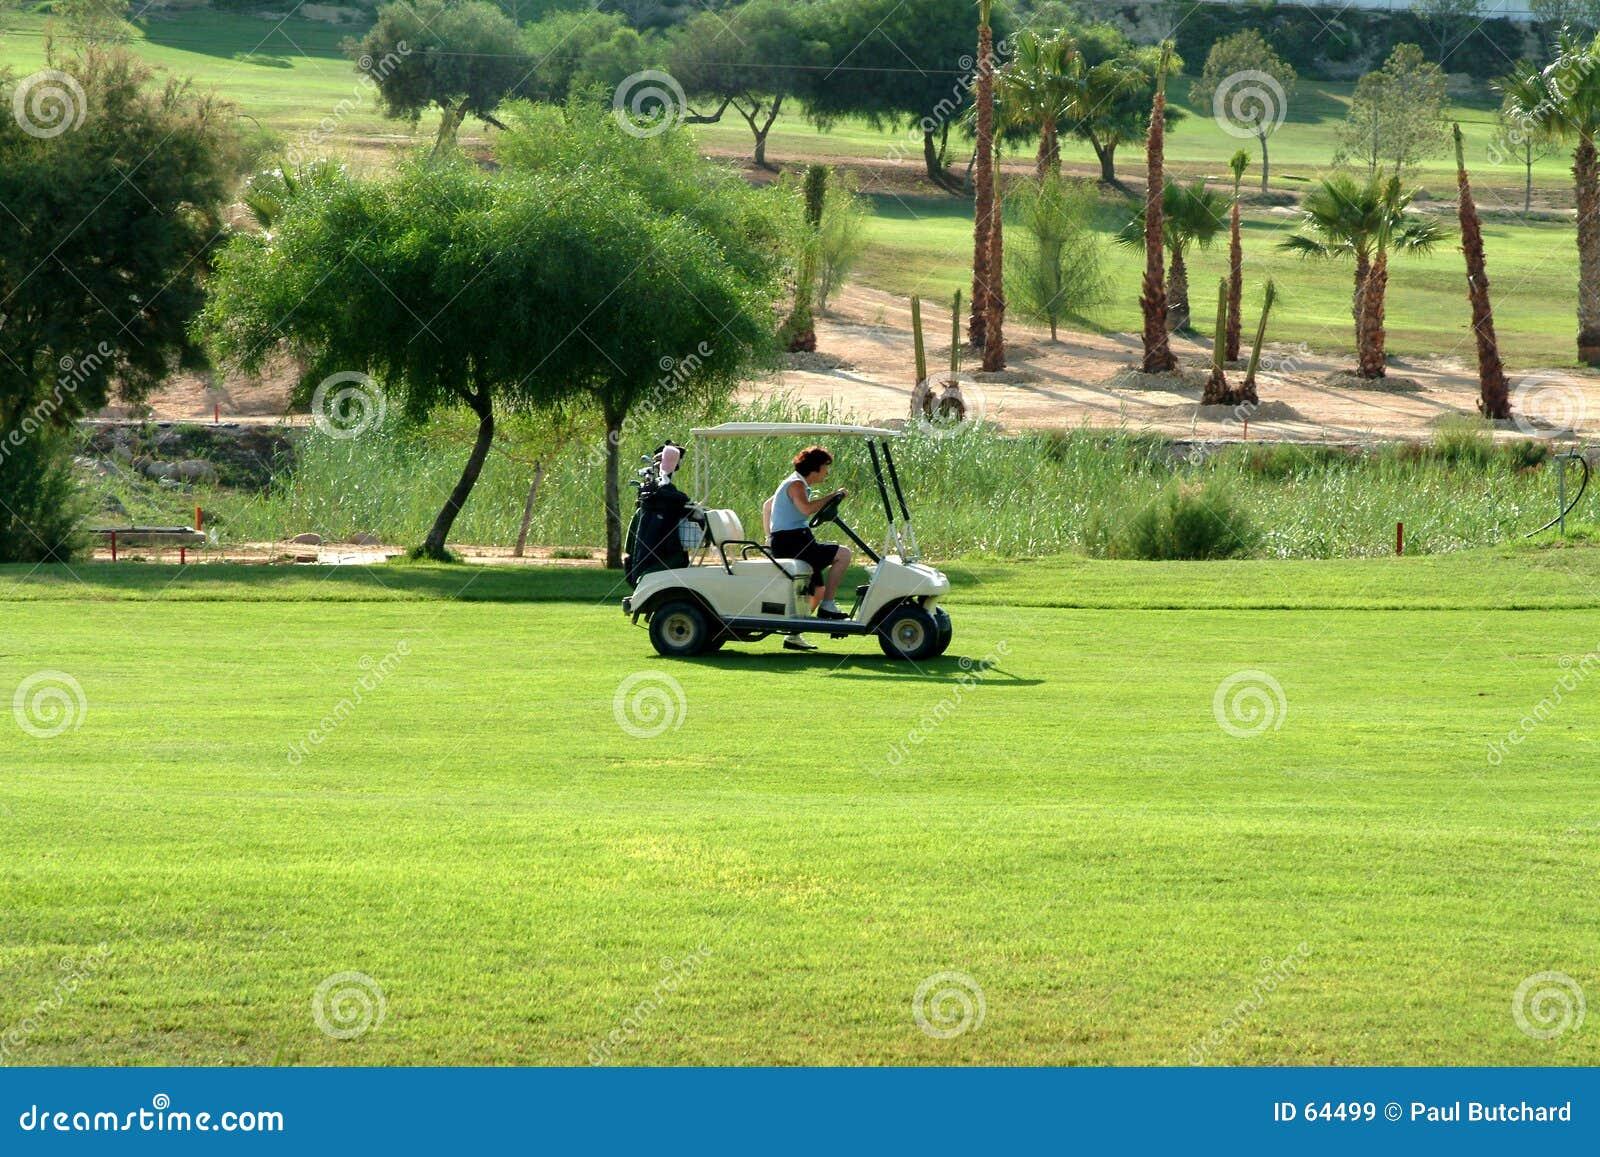 Golf Buggy - Spain